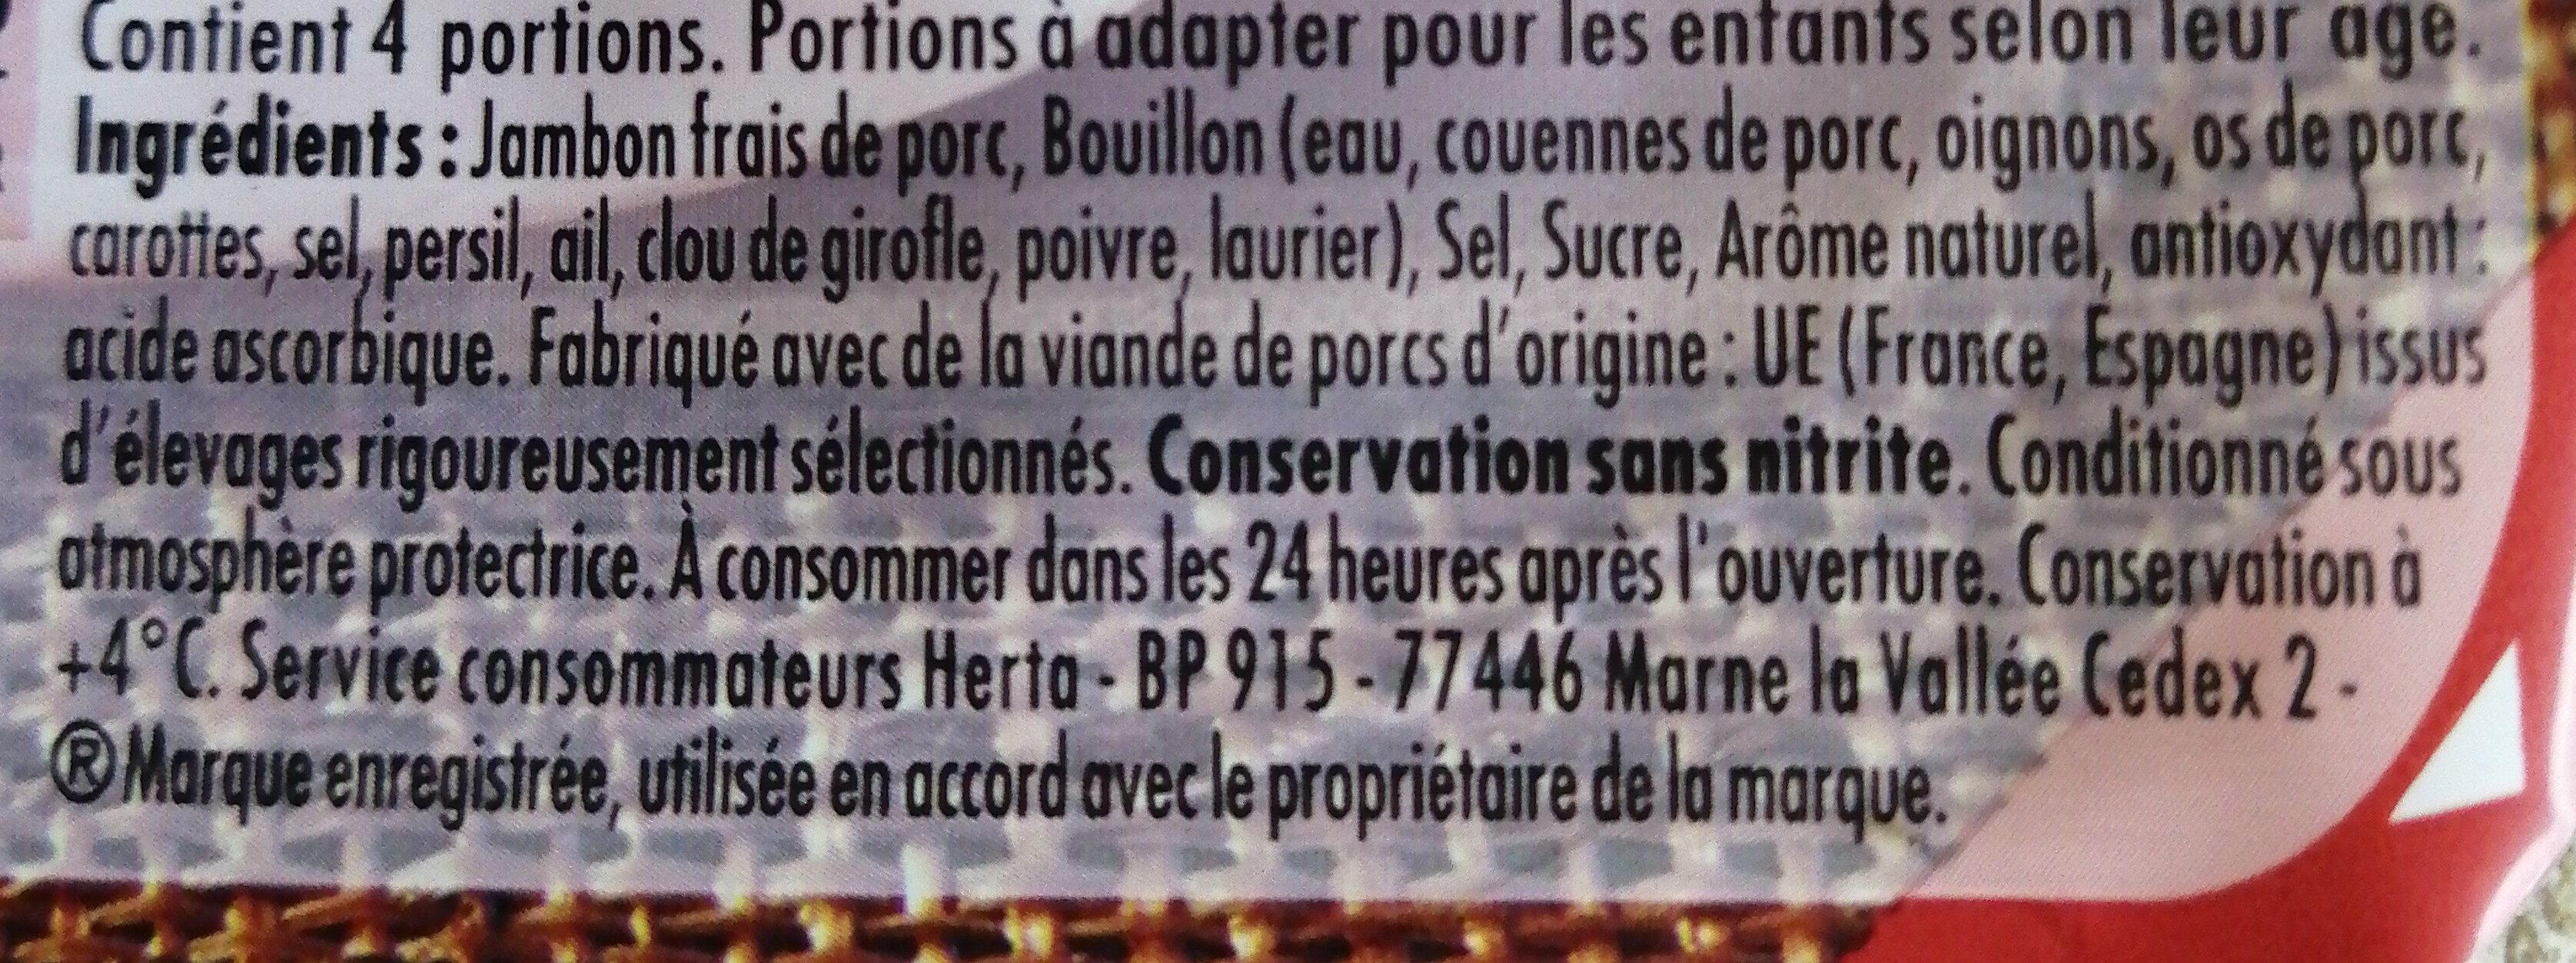 Le Bon Paris à l'étouffée conservation sans nitrite - Ingrédients - fr